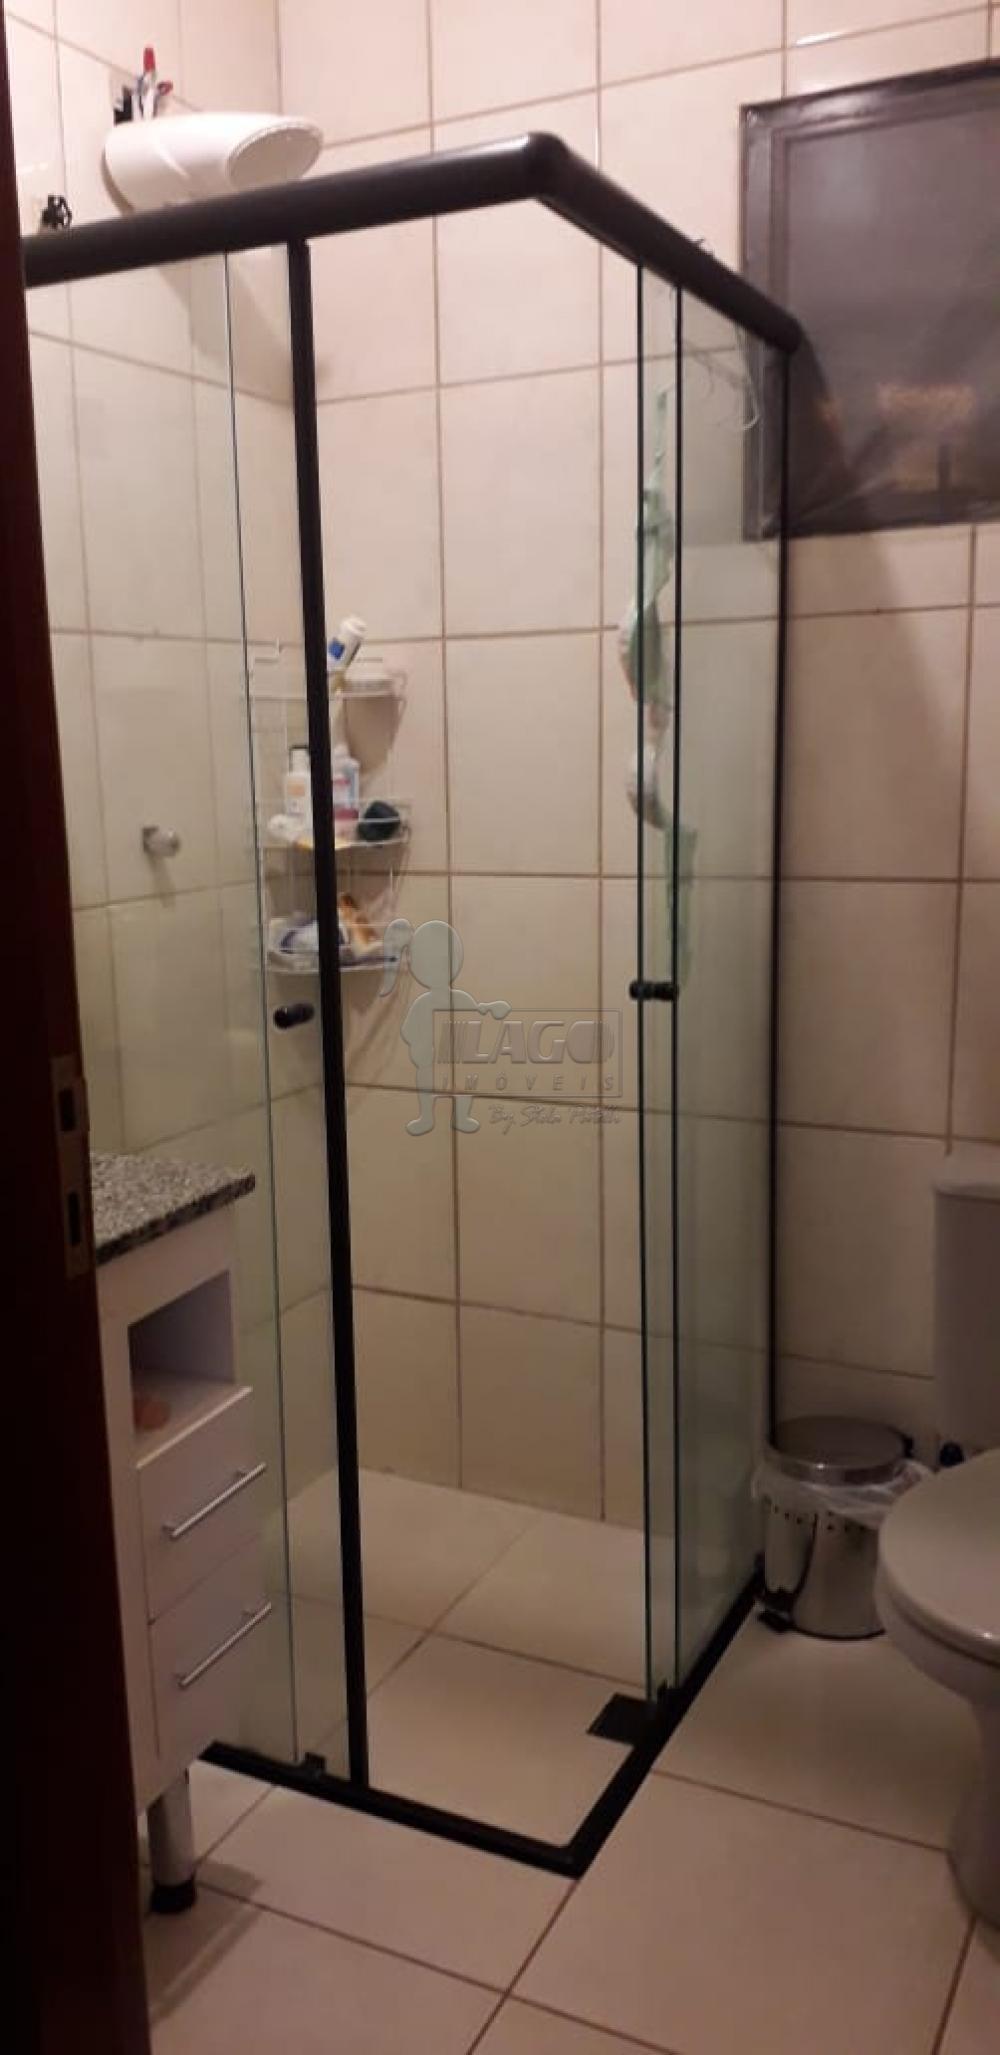 Comprar Apartamento / Padrão em Ribeirão Preto apenas R$ 220.000,00 - Foto 6